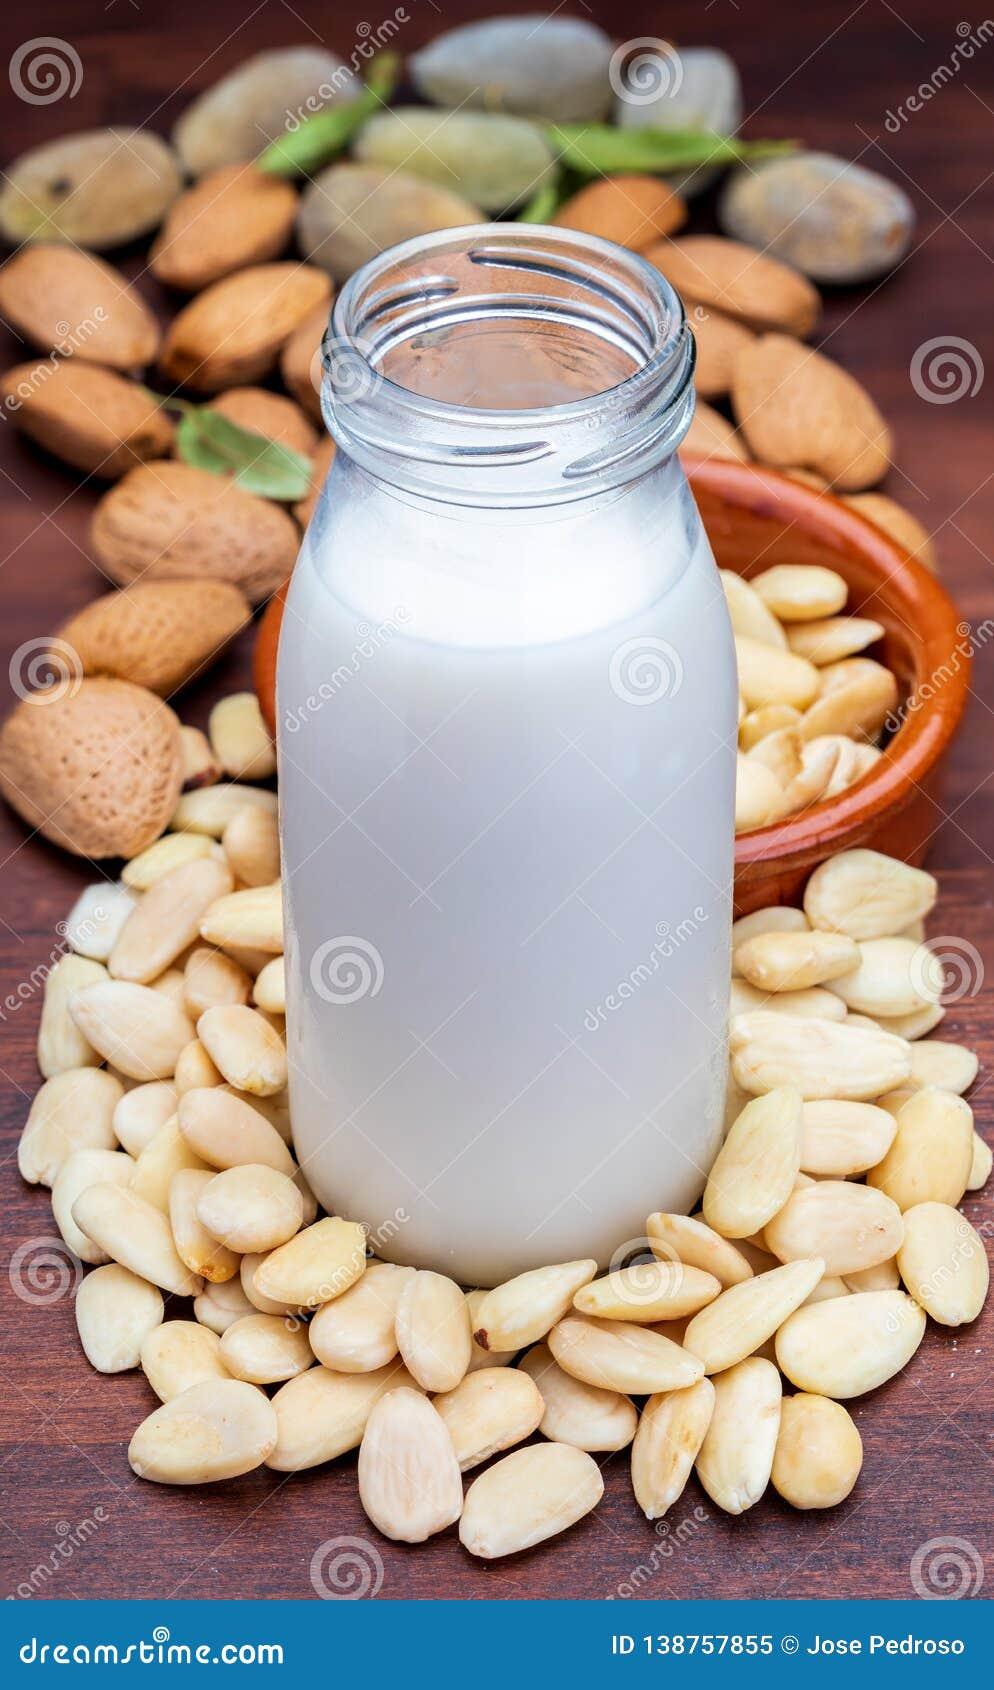 Γάλα αμυγδάλων στο μπουκάλι γυαλιού Περιλαμβάνει τα ξεφλουδισμένα αμύγδαλα